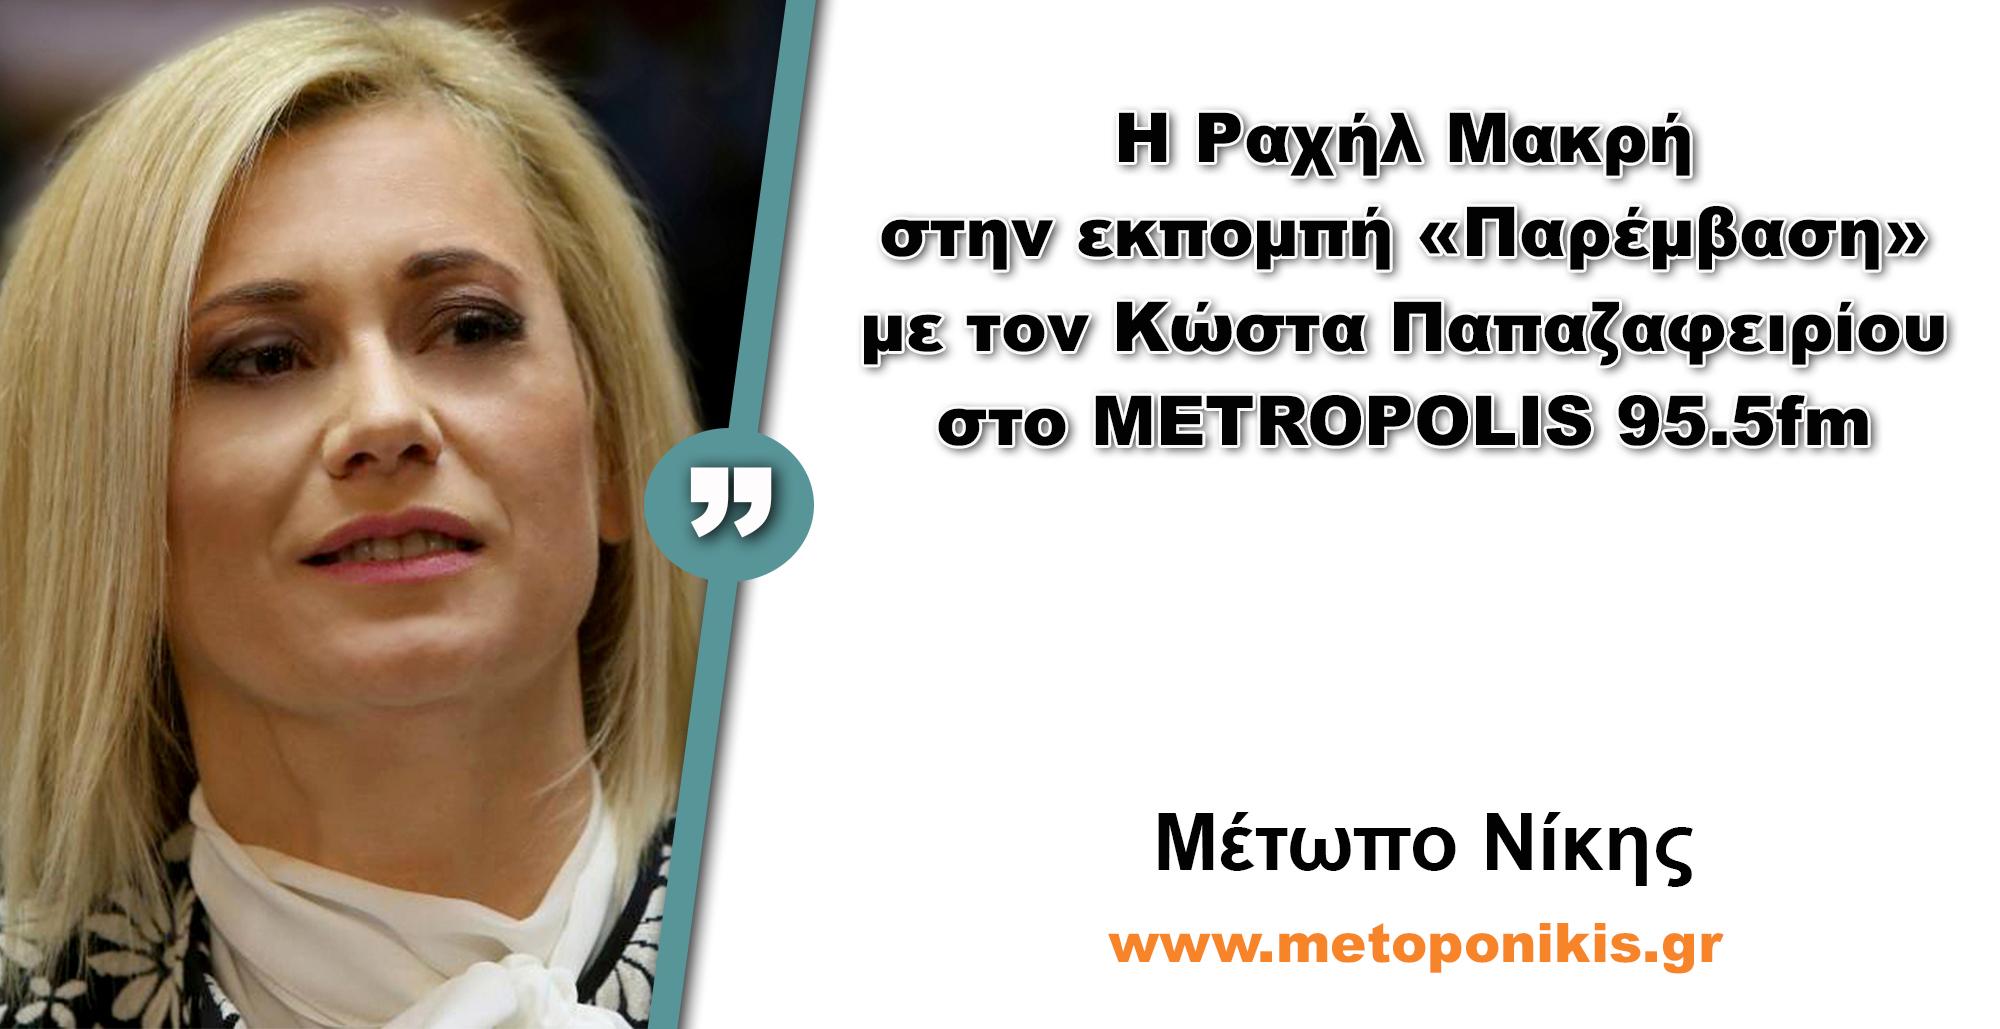 Η Ραχήλ Μακρή στην εκπομπή «Παρέμβαση» με τον Κώστα Παπαζαφειρίου στο METROPOLIS 95.5fm | 22.04.2017